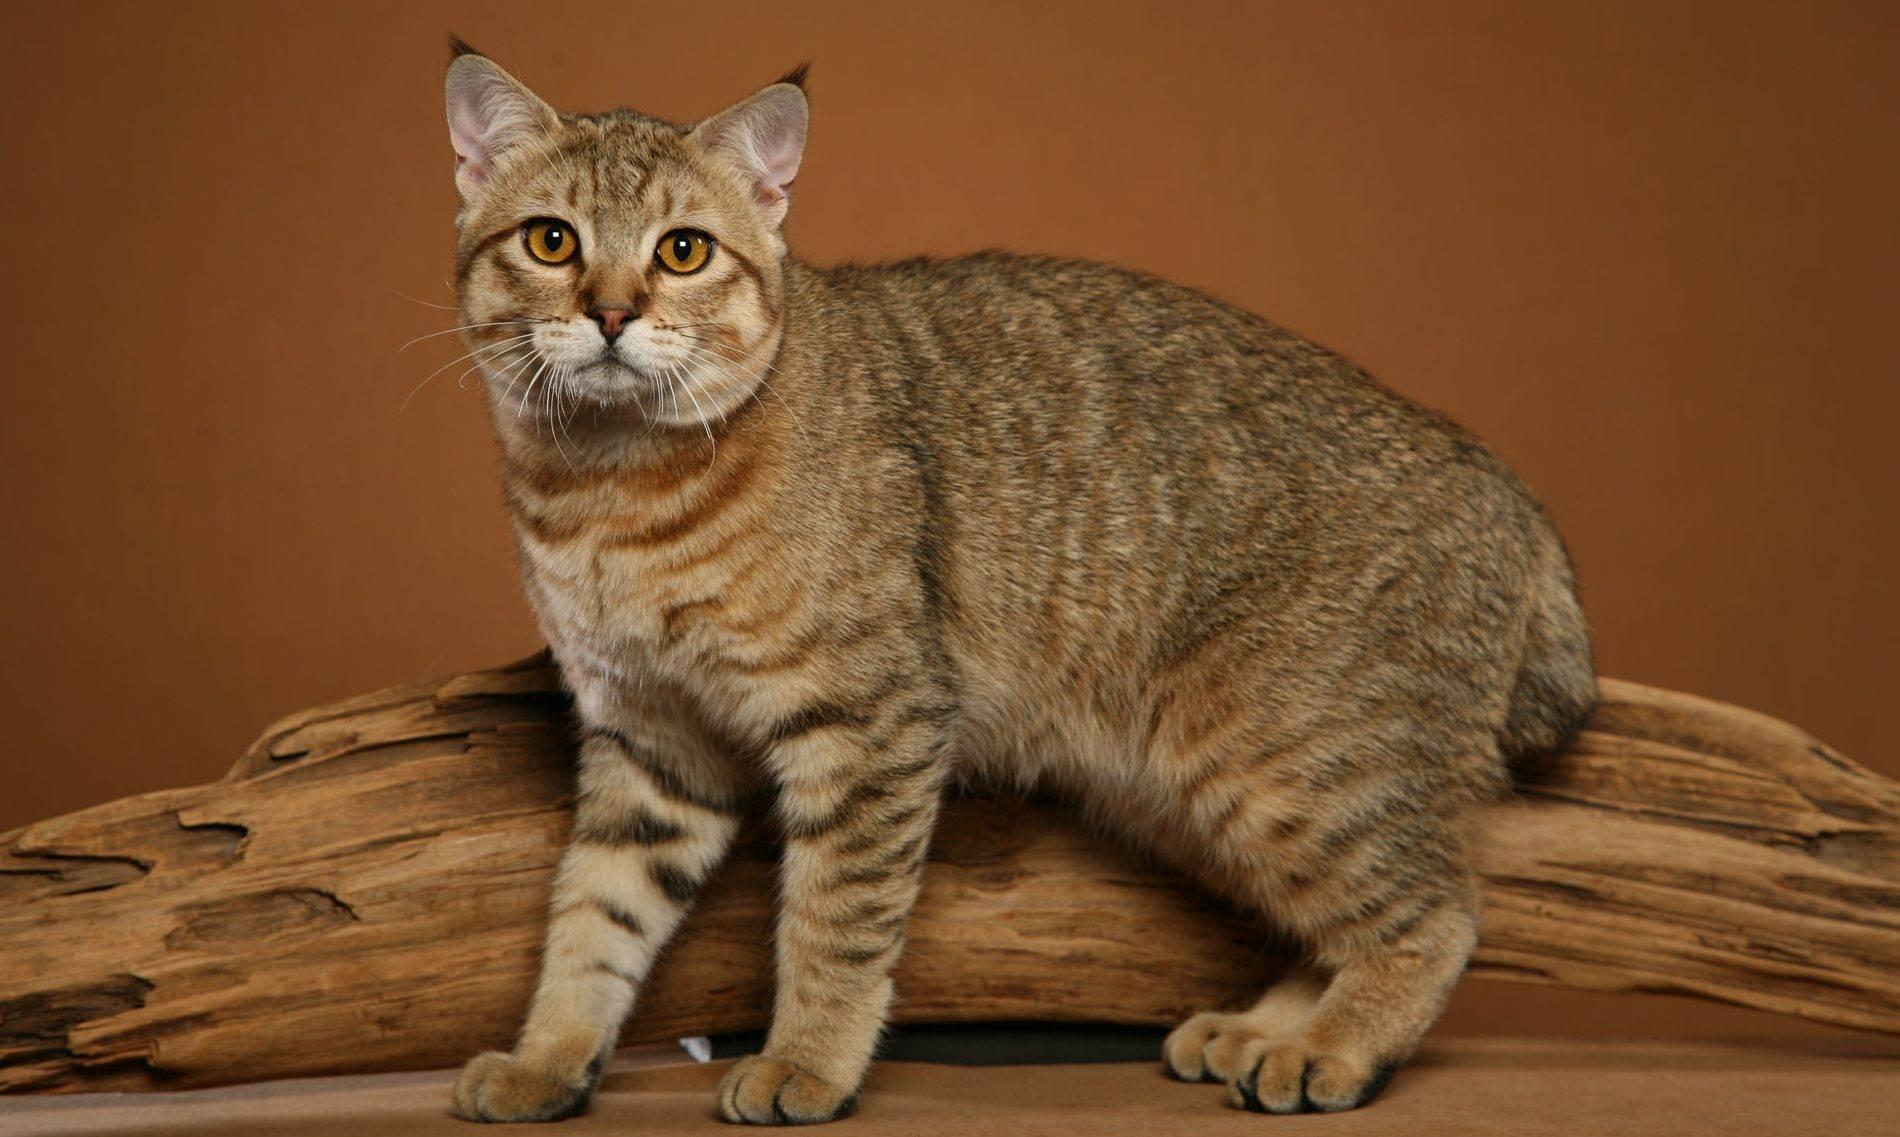 Пиксибоб: особенности и история породы, характер и уход за кошкой, фото, отзывы владельцев, выбор котенка